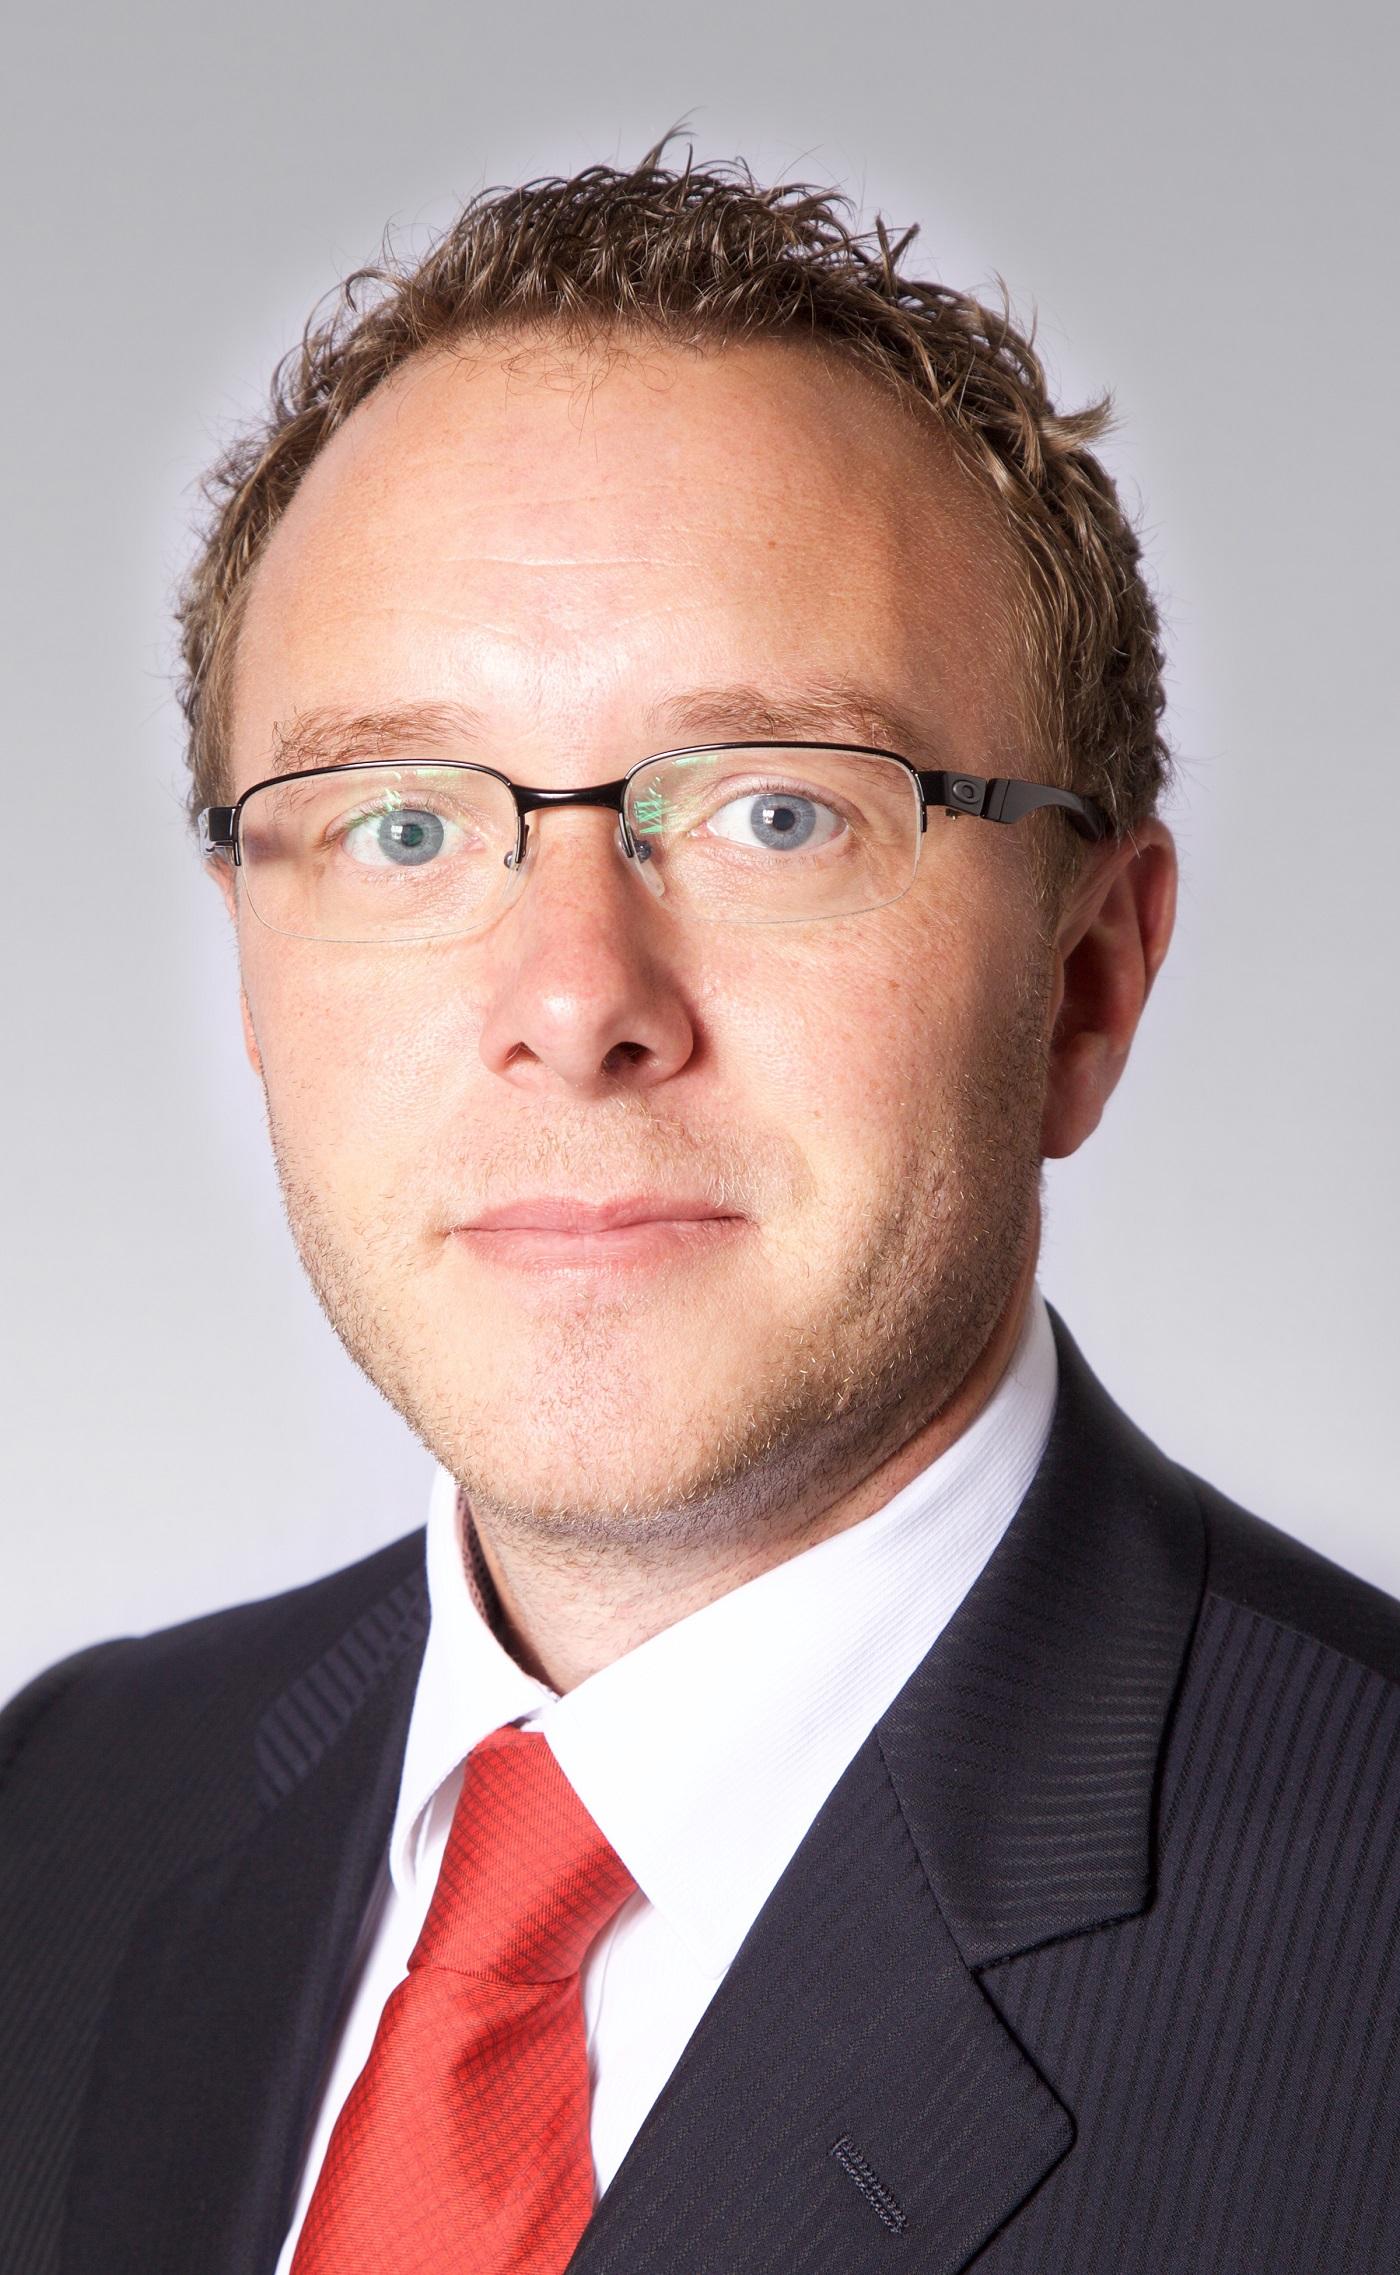 مدير شركة CBRE البحرين جيمس لين